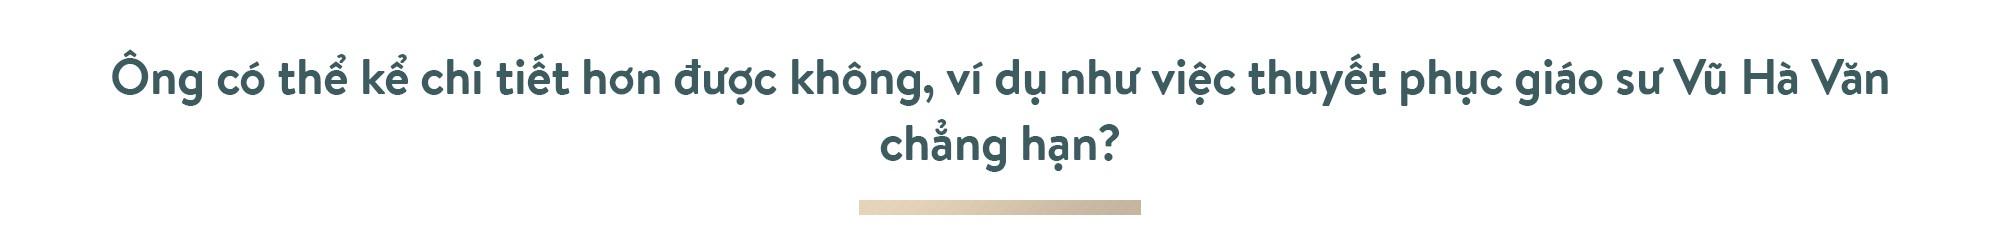 Ông Phạm Nhật Vượng: Thế giới phải biết Việt Nam trí tuệ, đẳng cấp - Ảnh 7.